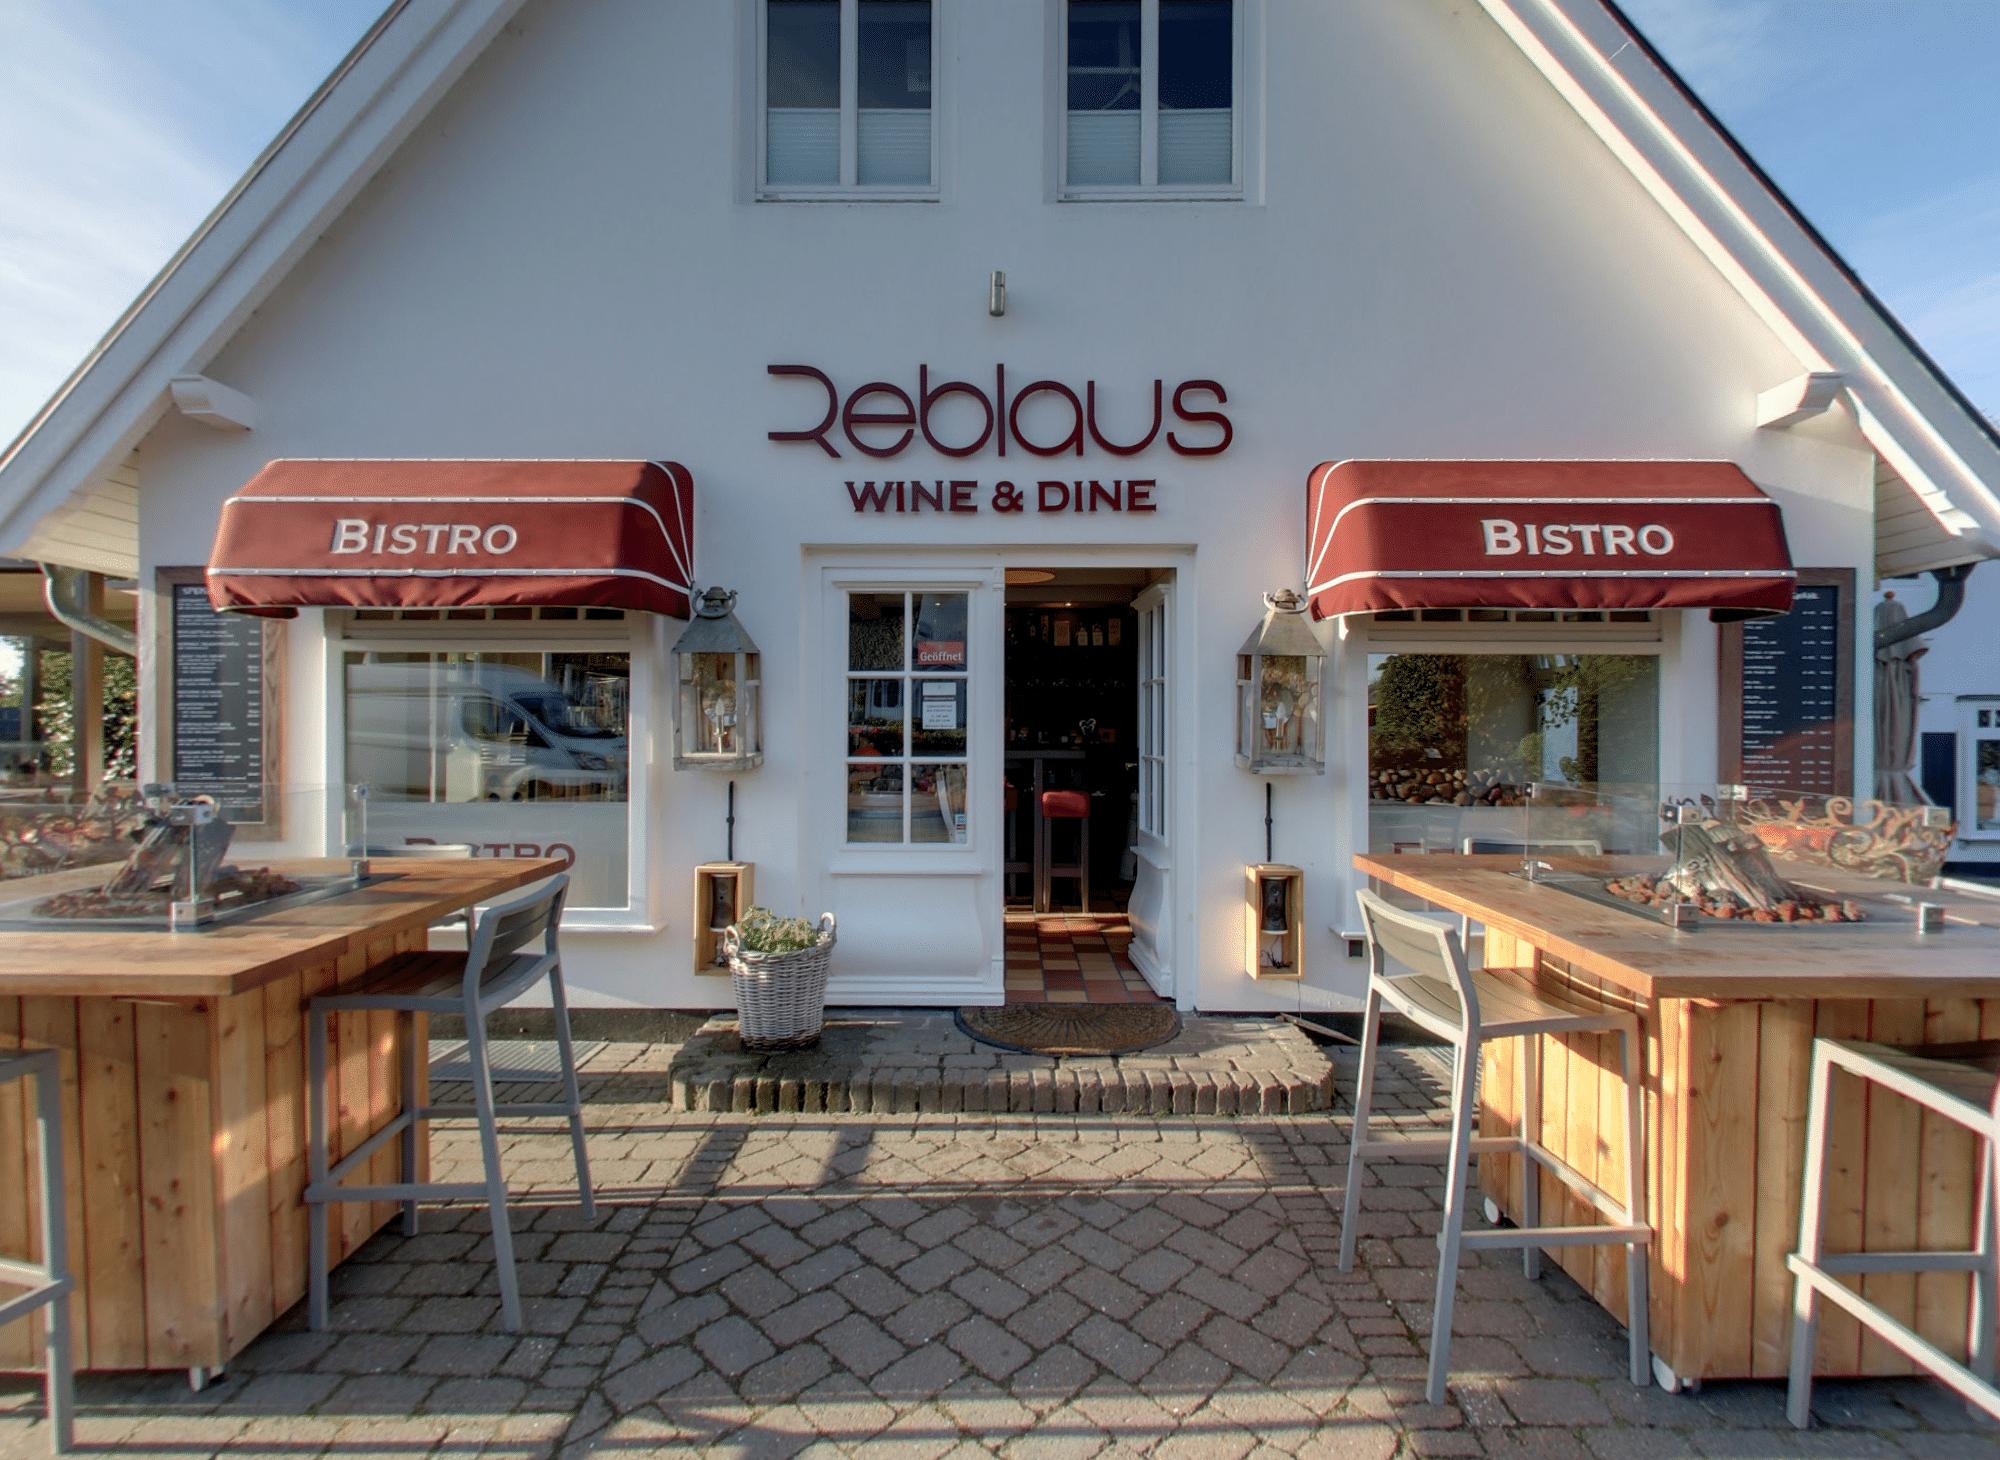 reblaus wine dine patrick roddelkop patrick roddelkopf fotografie